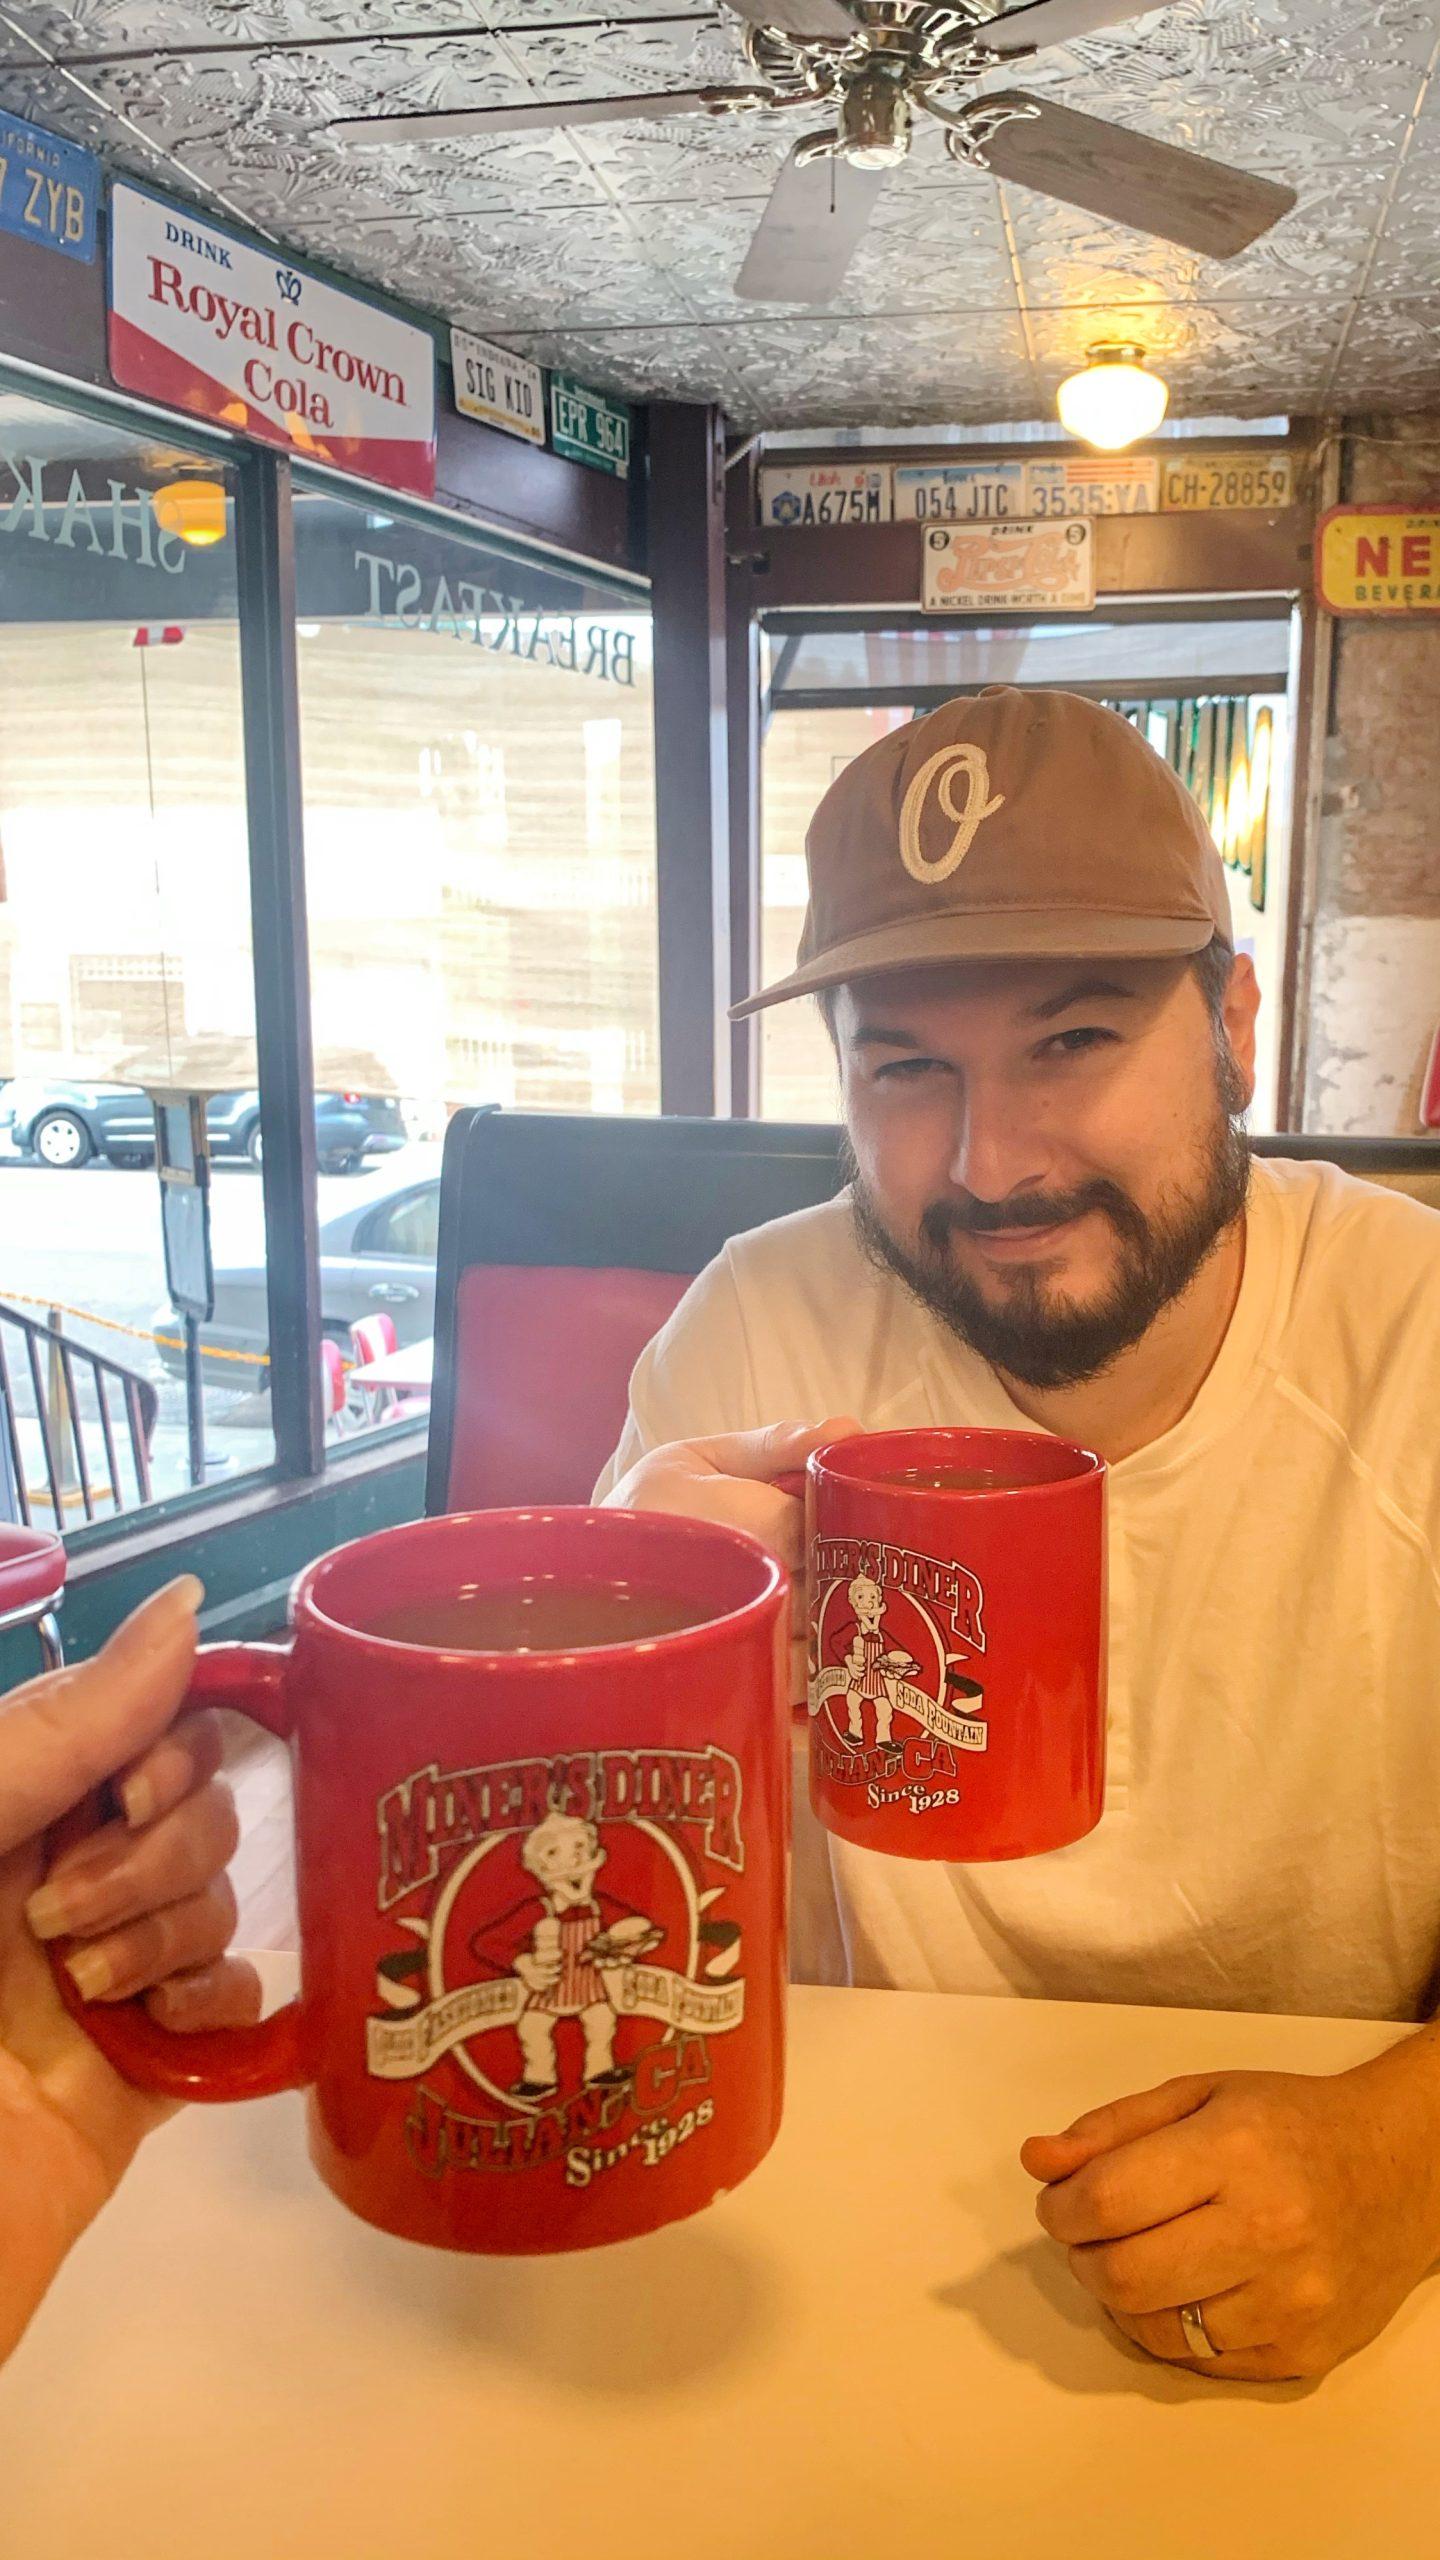 Jarod at Miner's DIner with a mug of cider